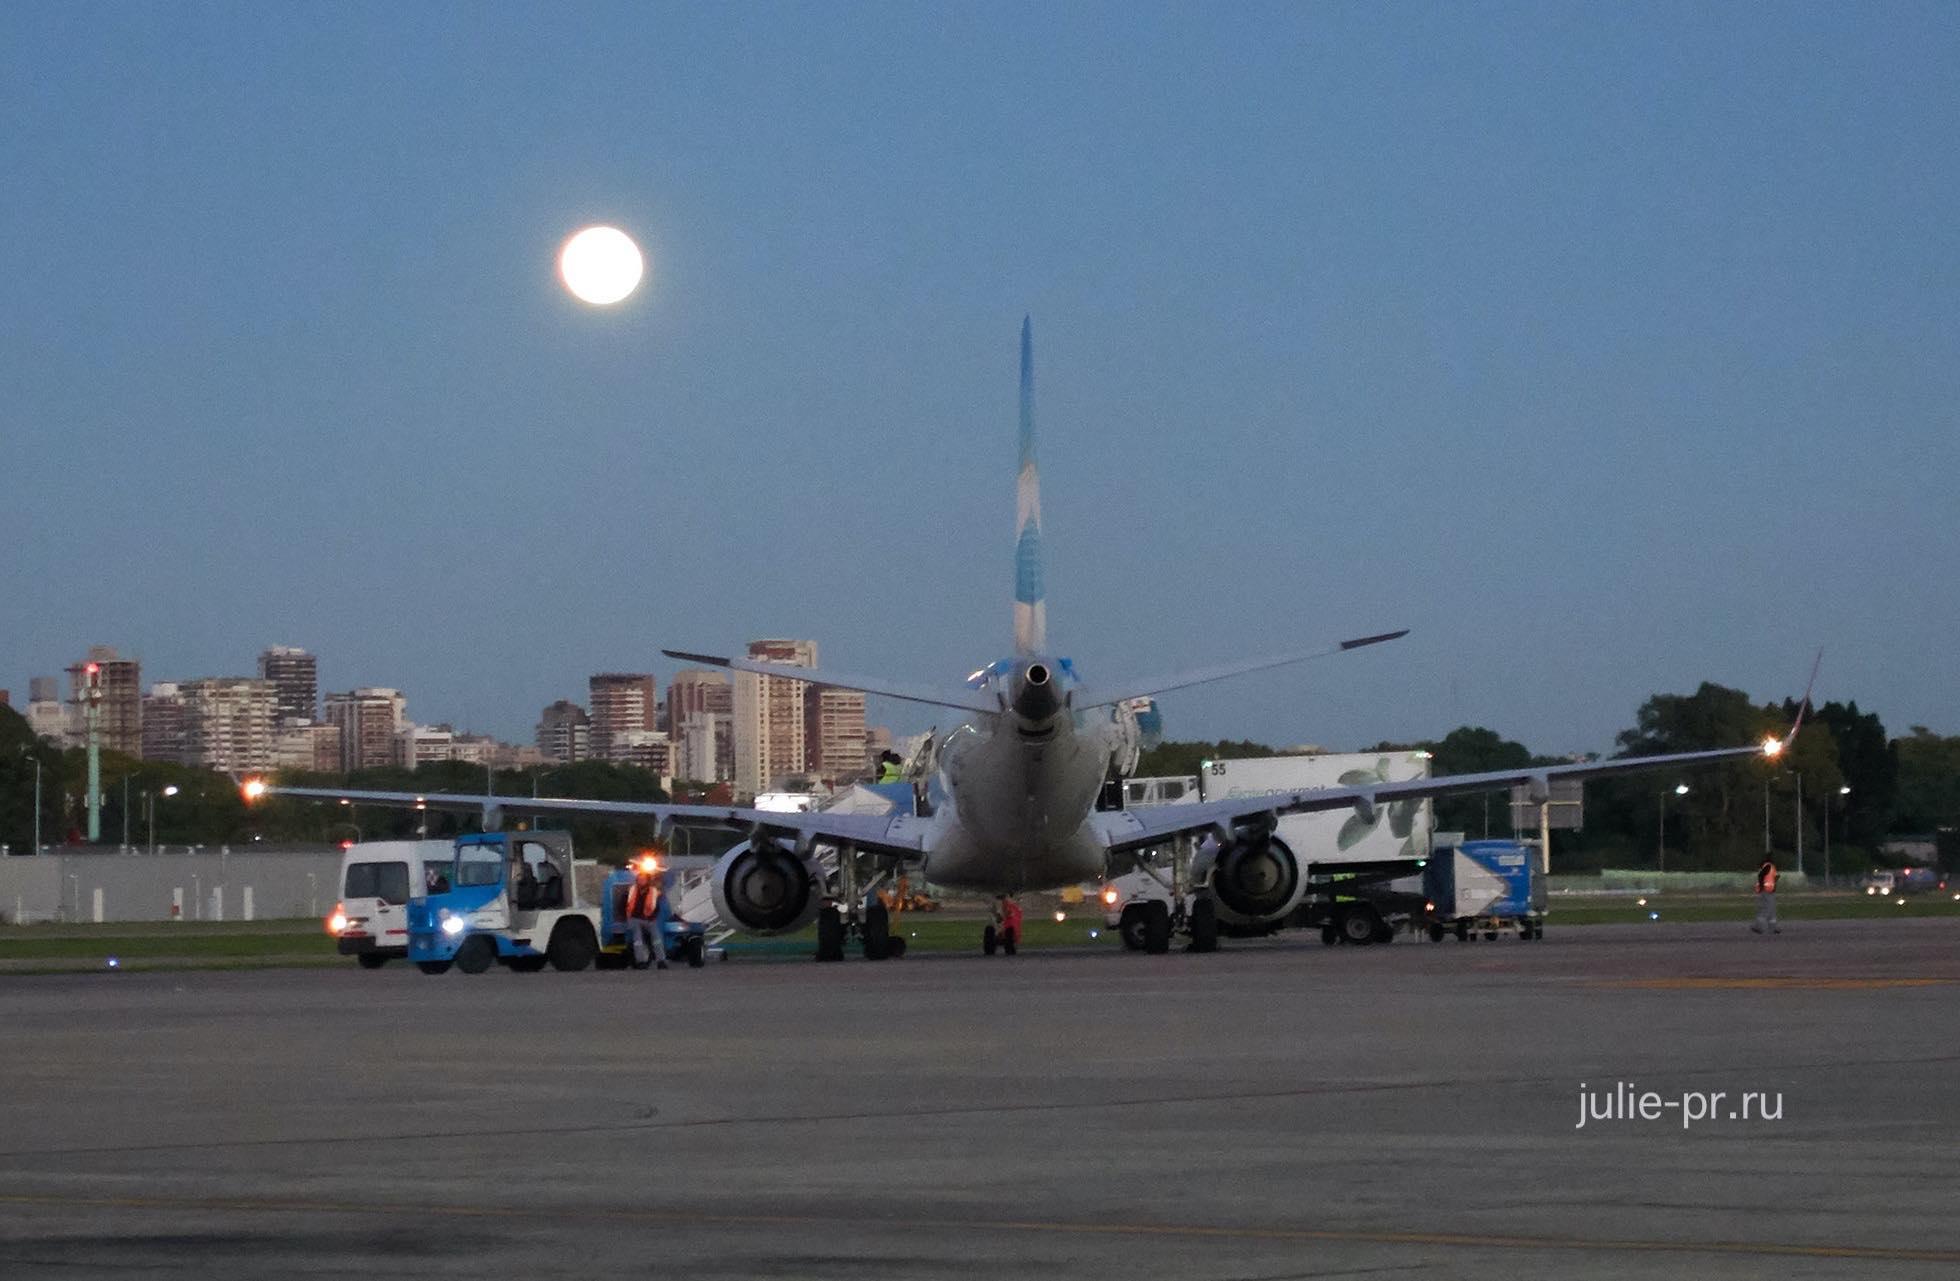 Аргентина, Буэнос-Айрес, самолёт и Луна